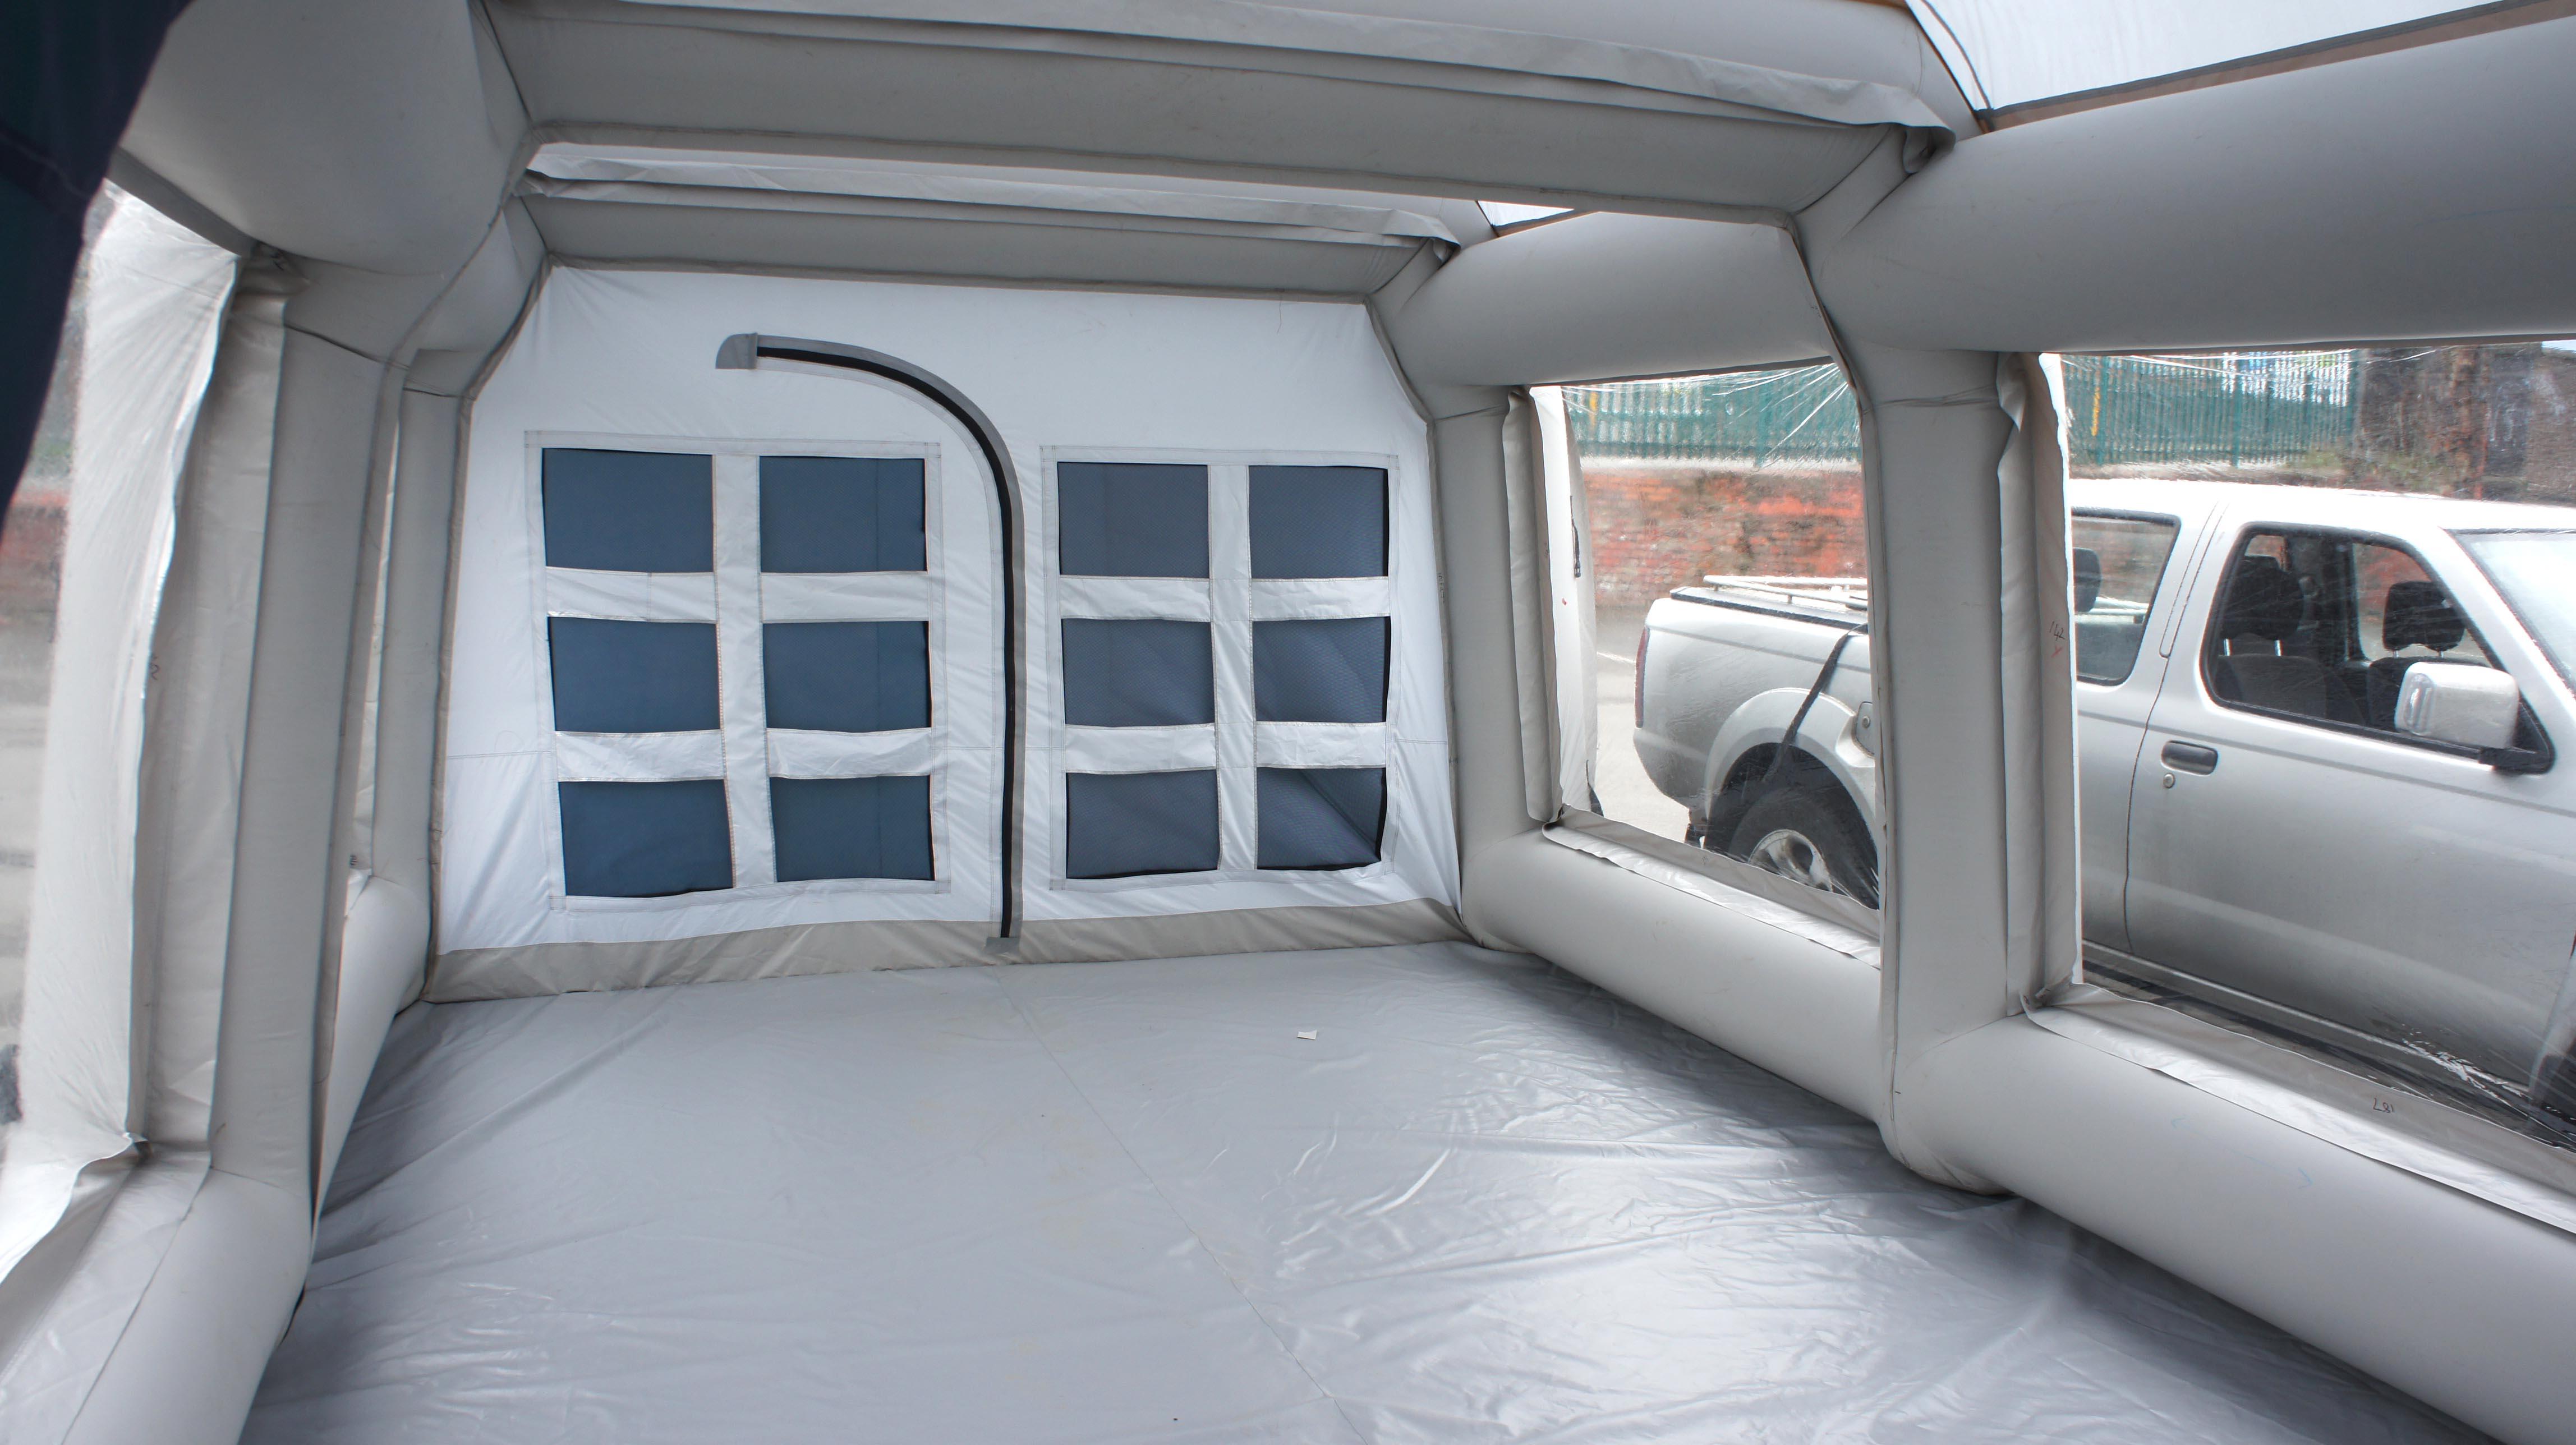 купить надувной гараж для автомобиля цена